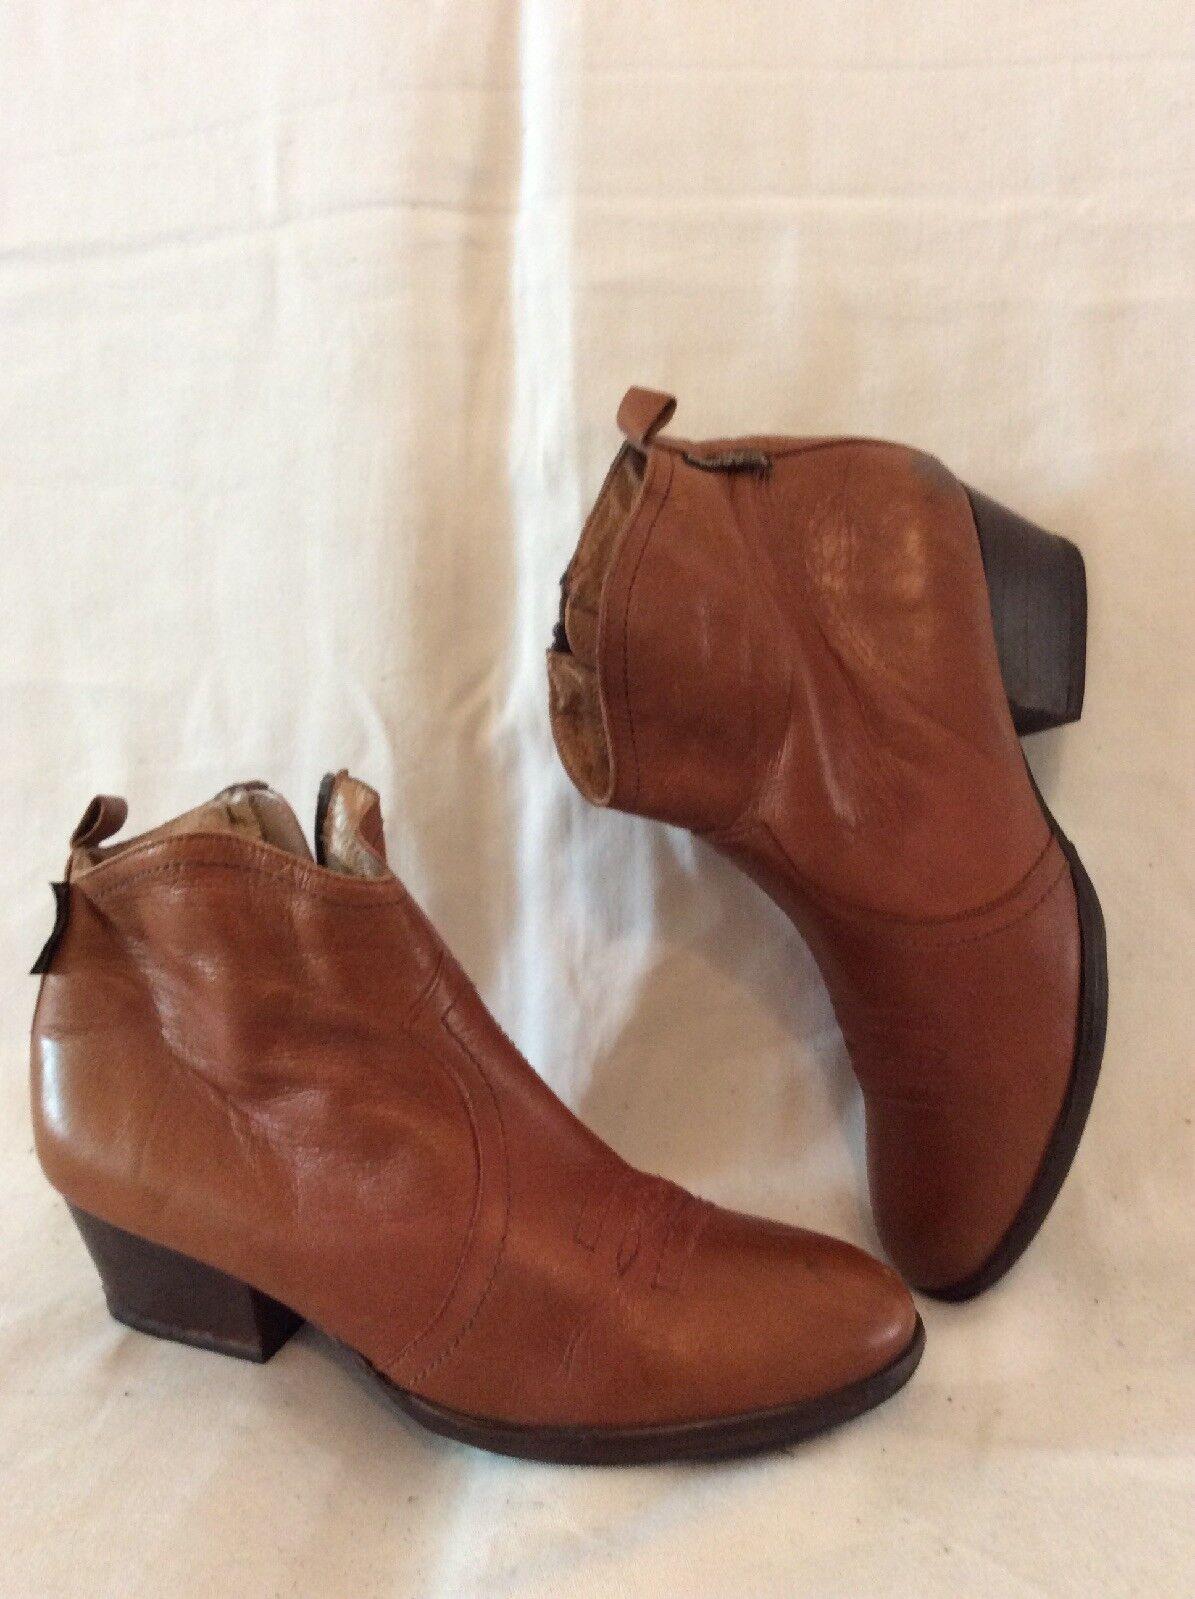 Russell & Bromley Marrón Marrón Marrón Tobillo botas De Cuero Talla 37  tienda en linea